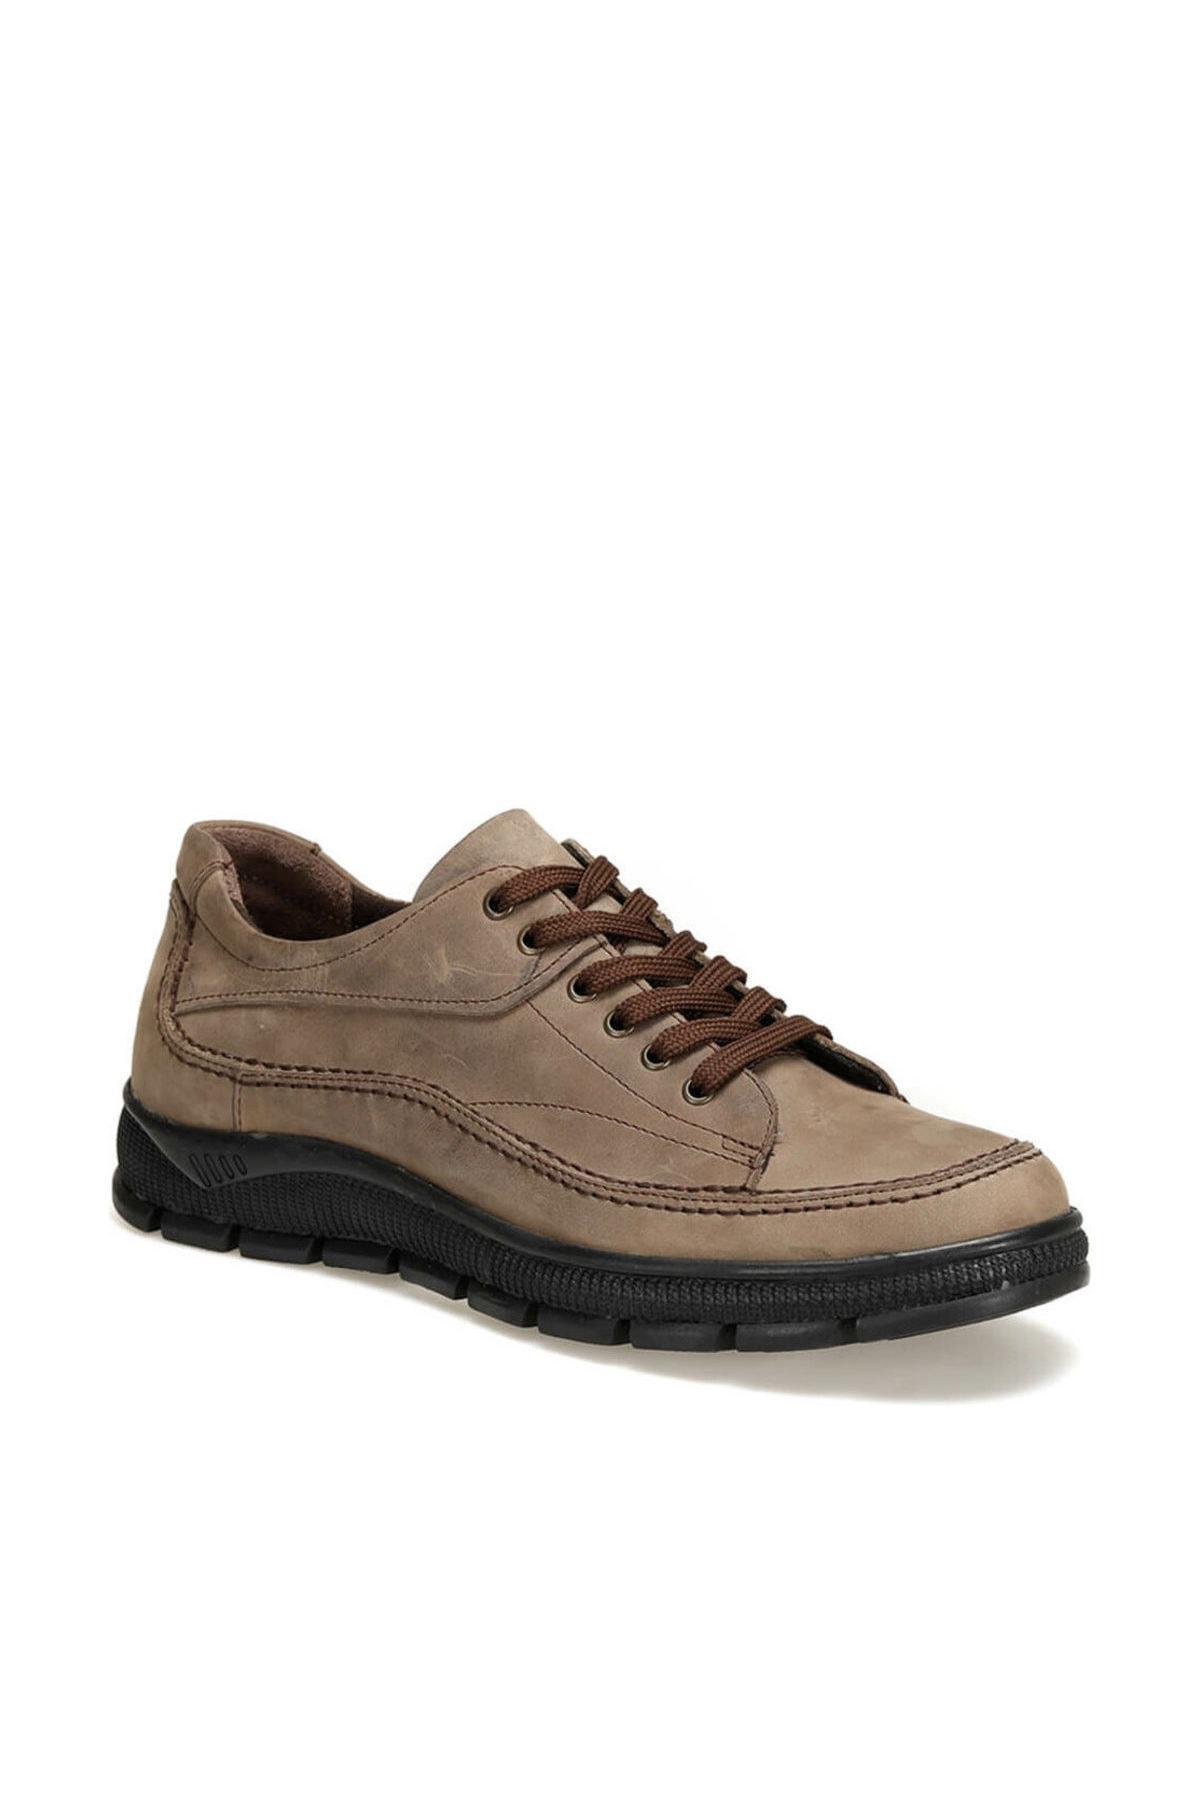 OXIDE 3010 Kum Rengi Erkek Ayakkabı 100441023 1